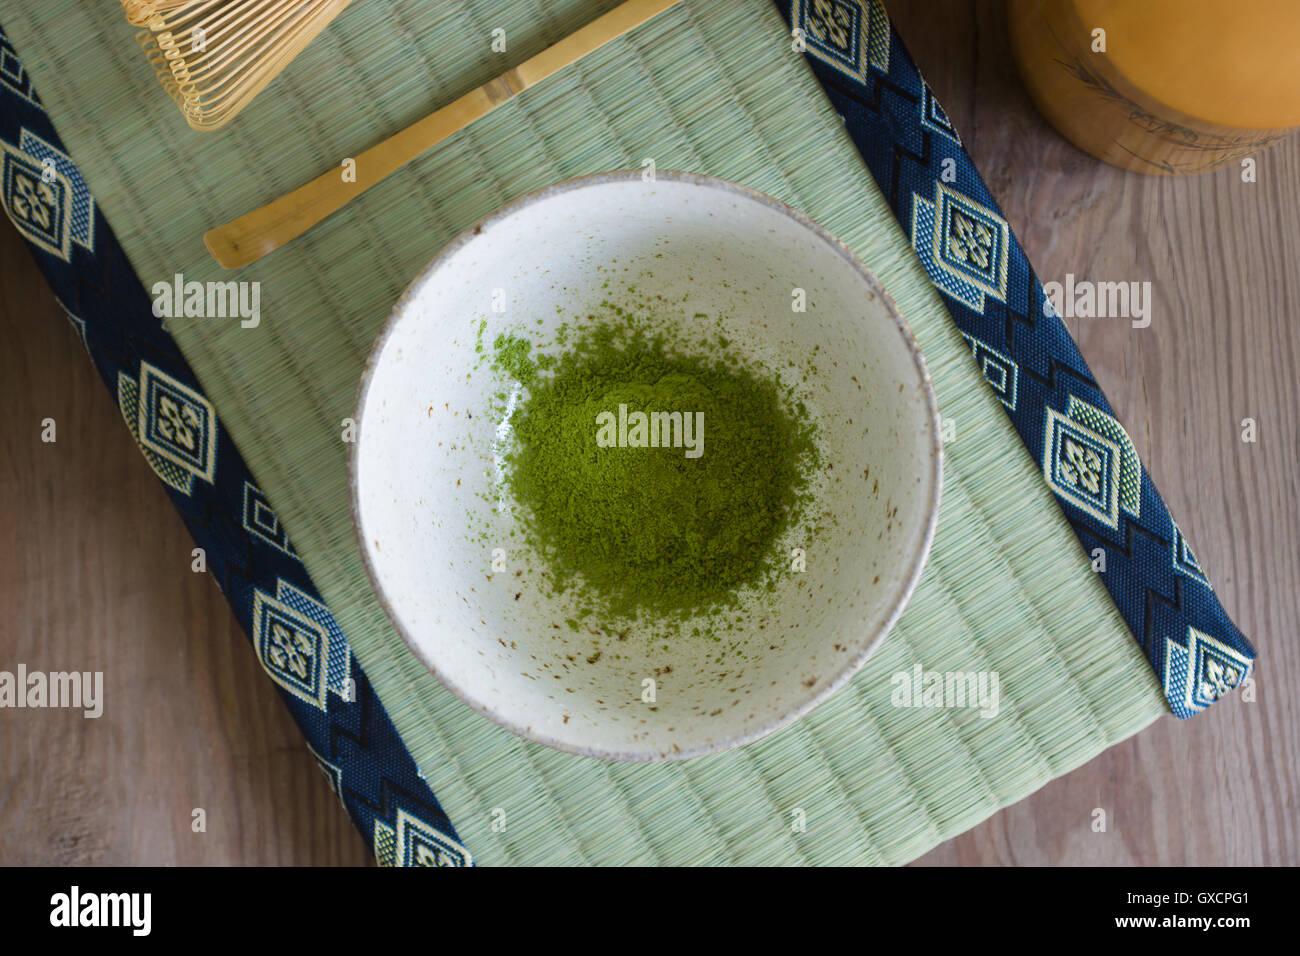 Thé vert japonais Matcha en poudre dans un bol en céramique chawan ou traditionnel l'accent peu profondes Photo Stock